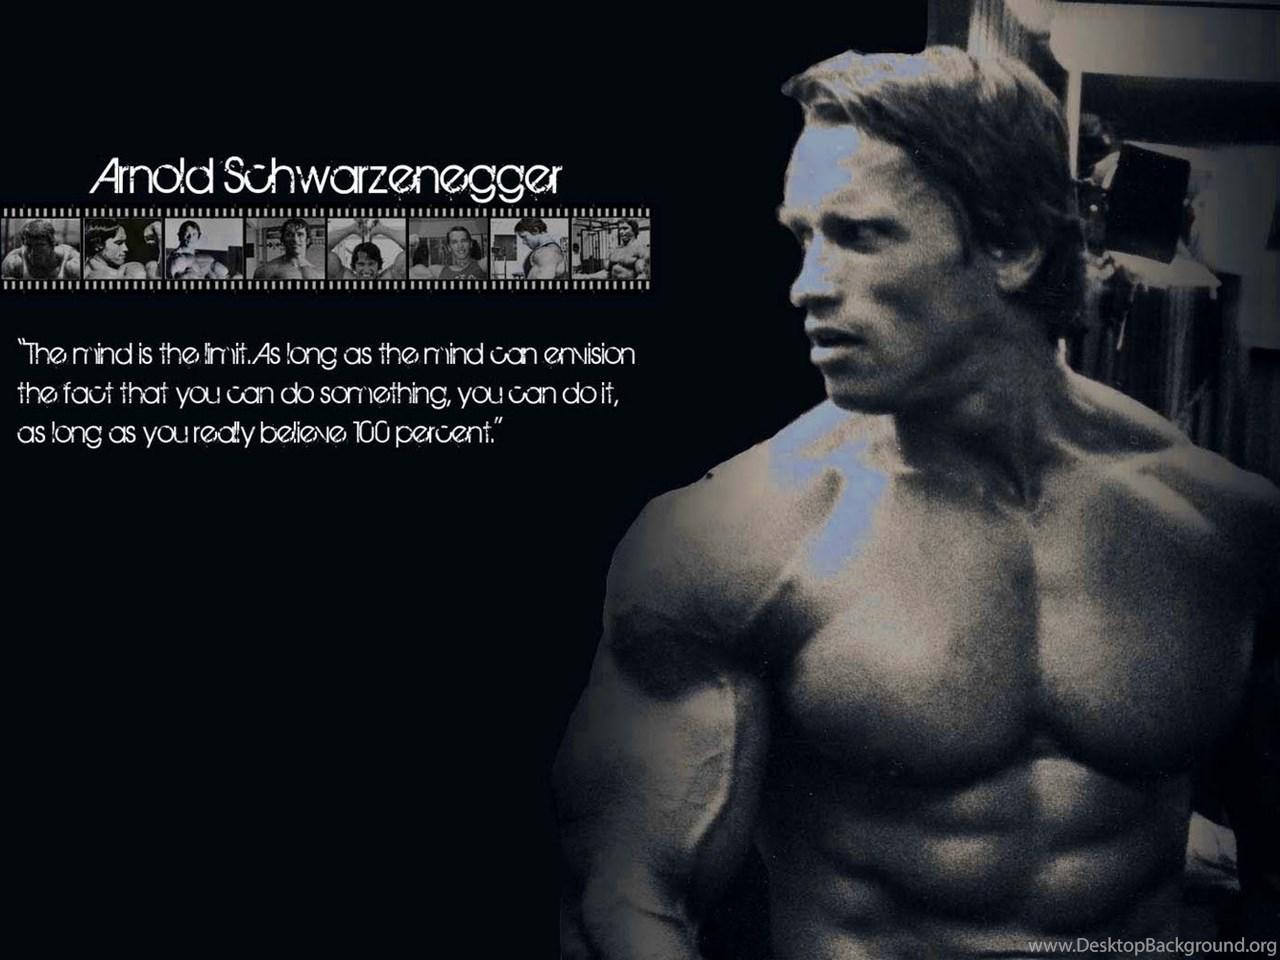 Arnold Schwarzenegger Bodybuilding Wallpaper Conquer Photo JQbe